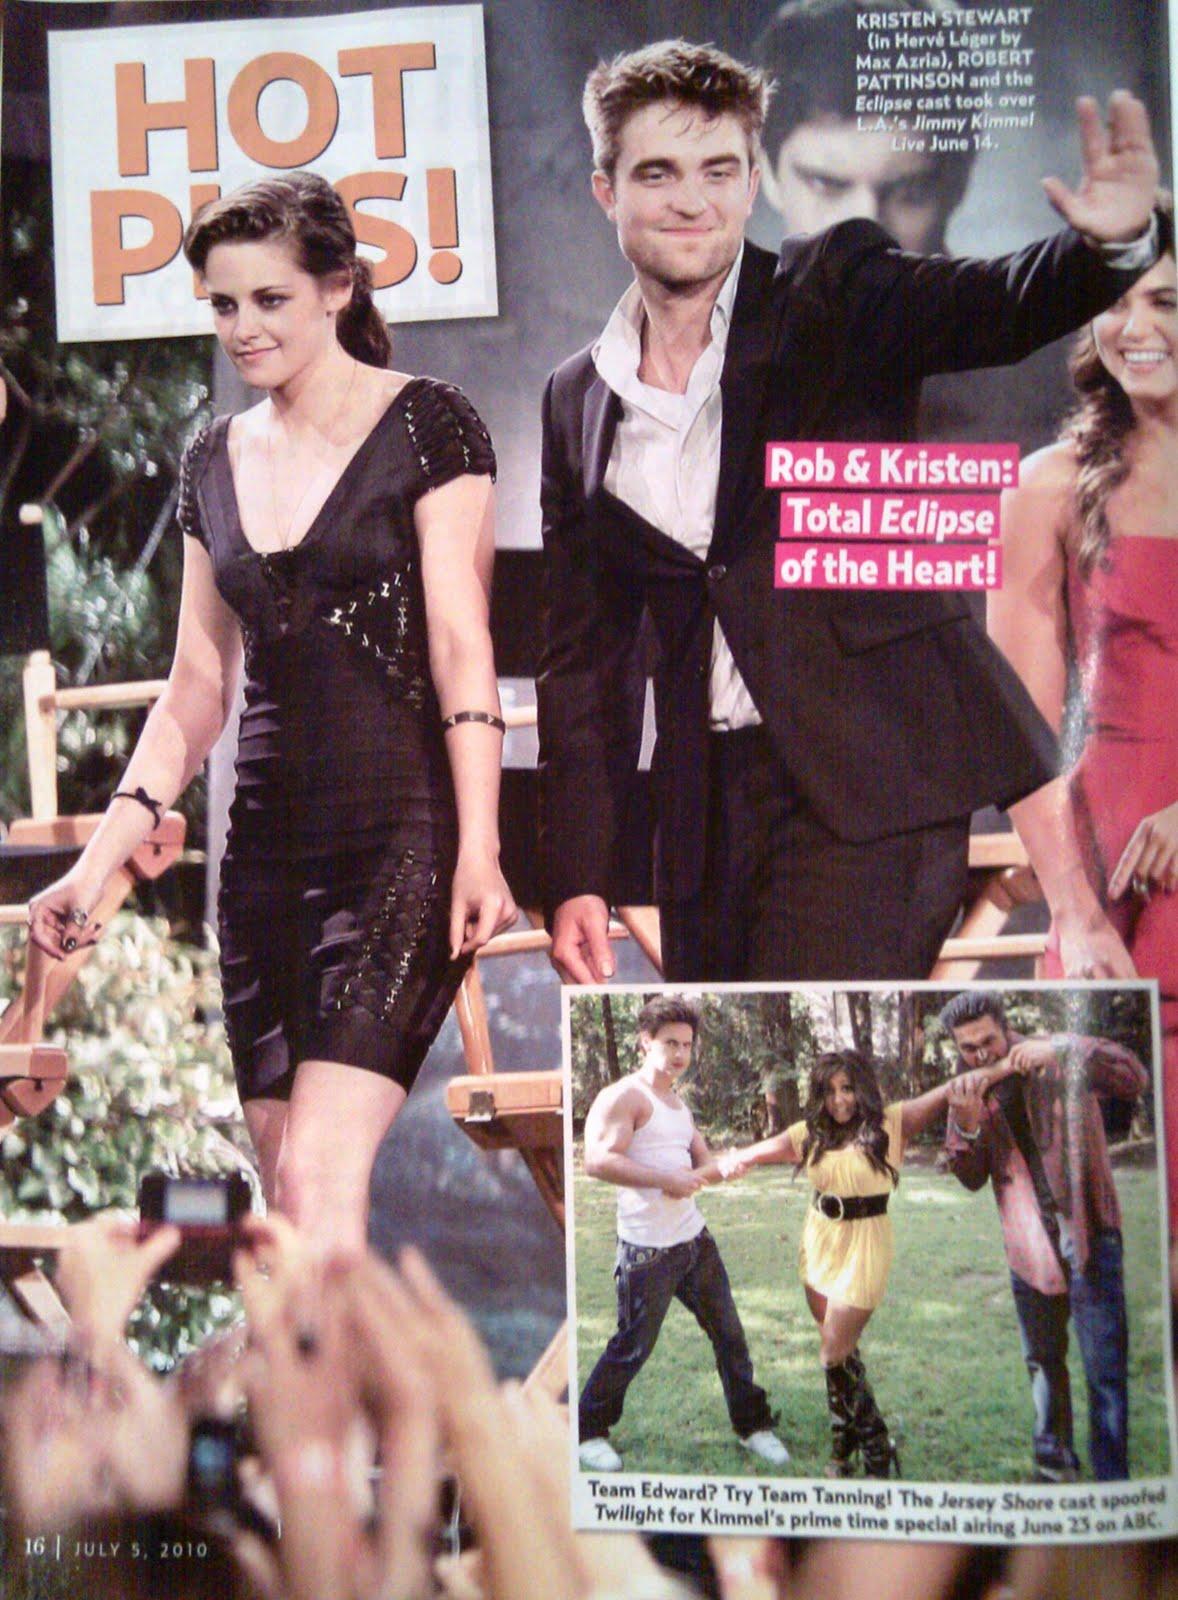 http://1.bp.blogspot.com/_Fr5jtSt05Hg/TCglVM2SWjI/AAAAAAAAej8/2Wg8JJDLbBQ/s1600/Robert+Pattinson+Kristen+Stewart.jpg